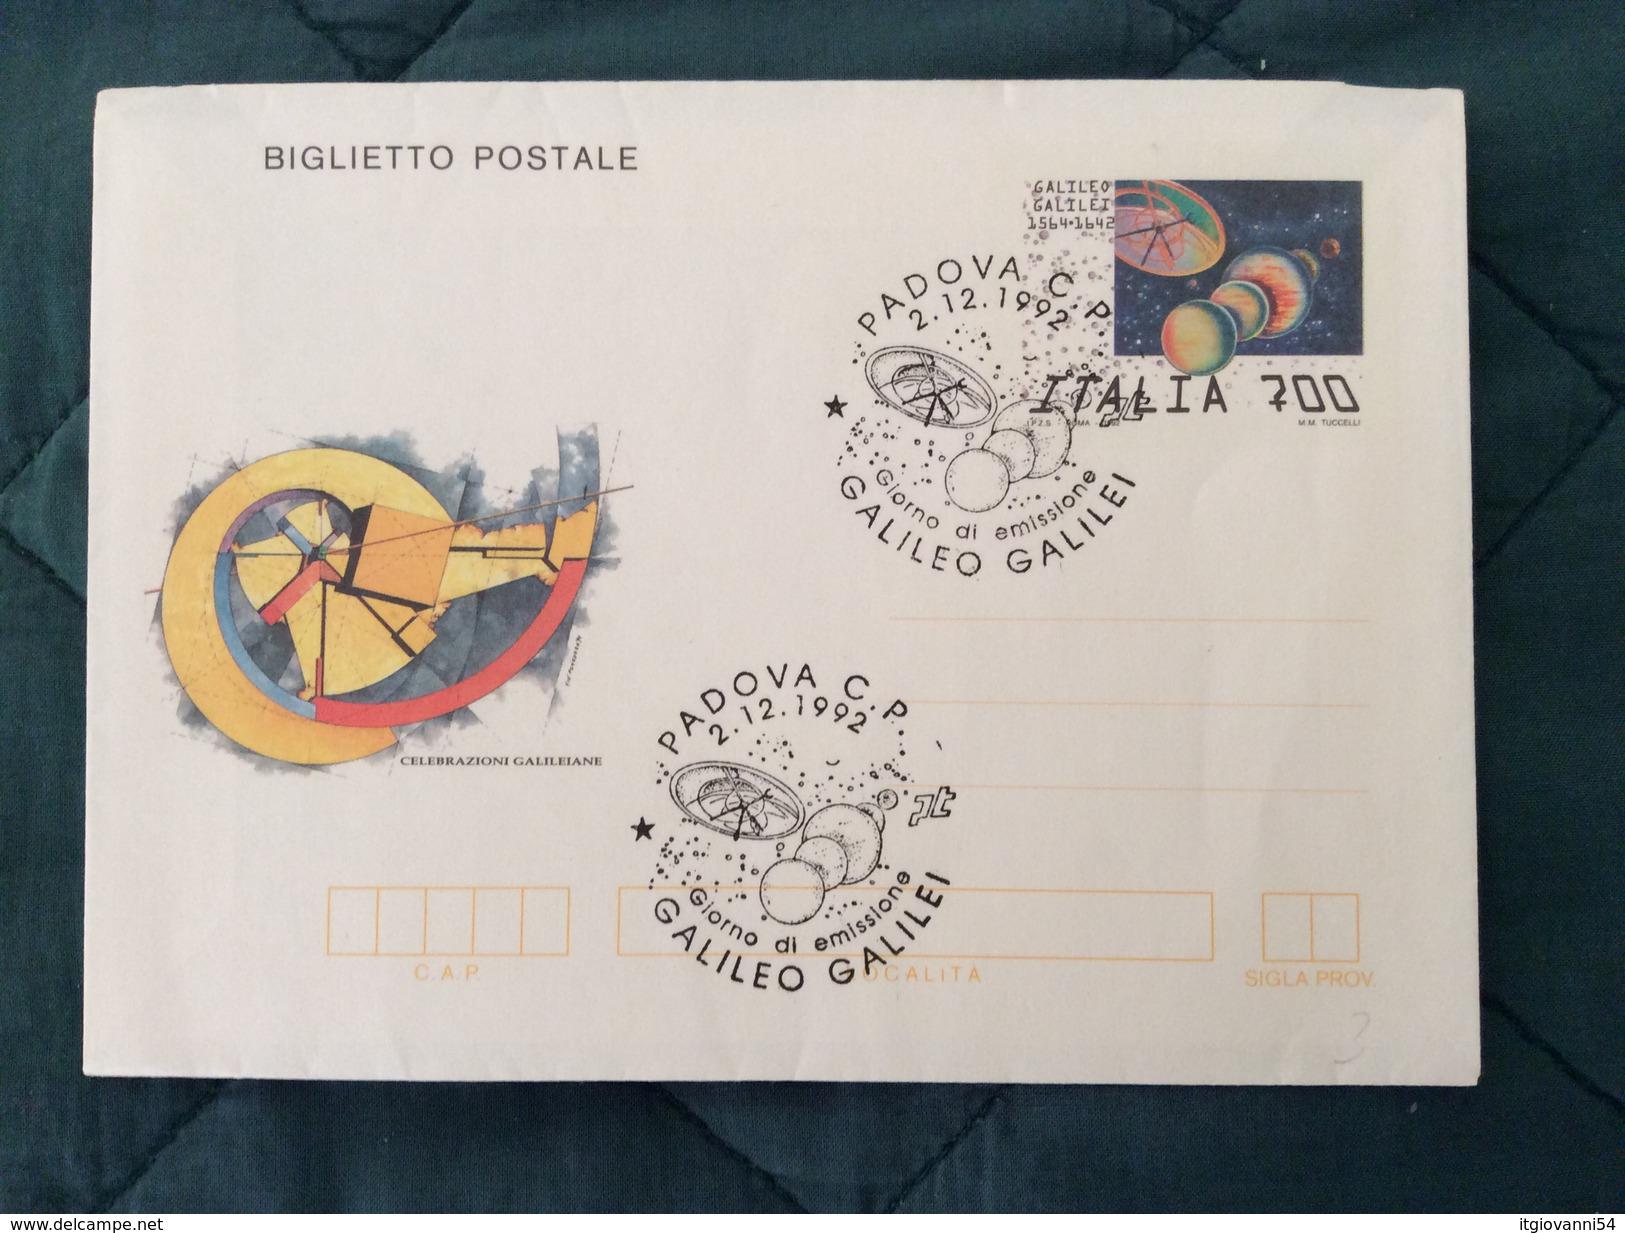 Biglietto Postale Galileo Galilei Con Annullo Primo Giorno Di Emissione - Entero Postal